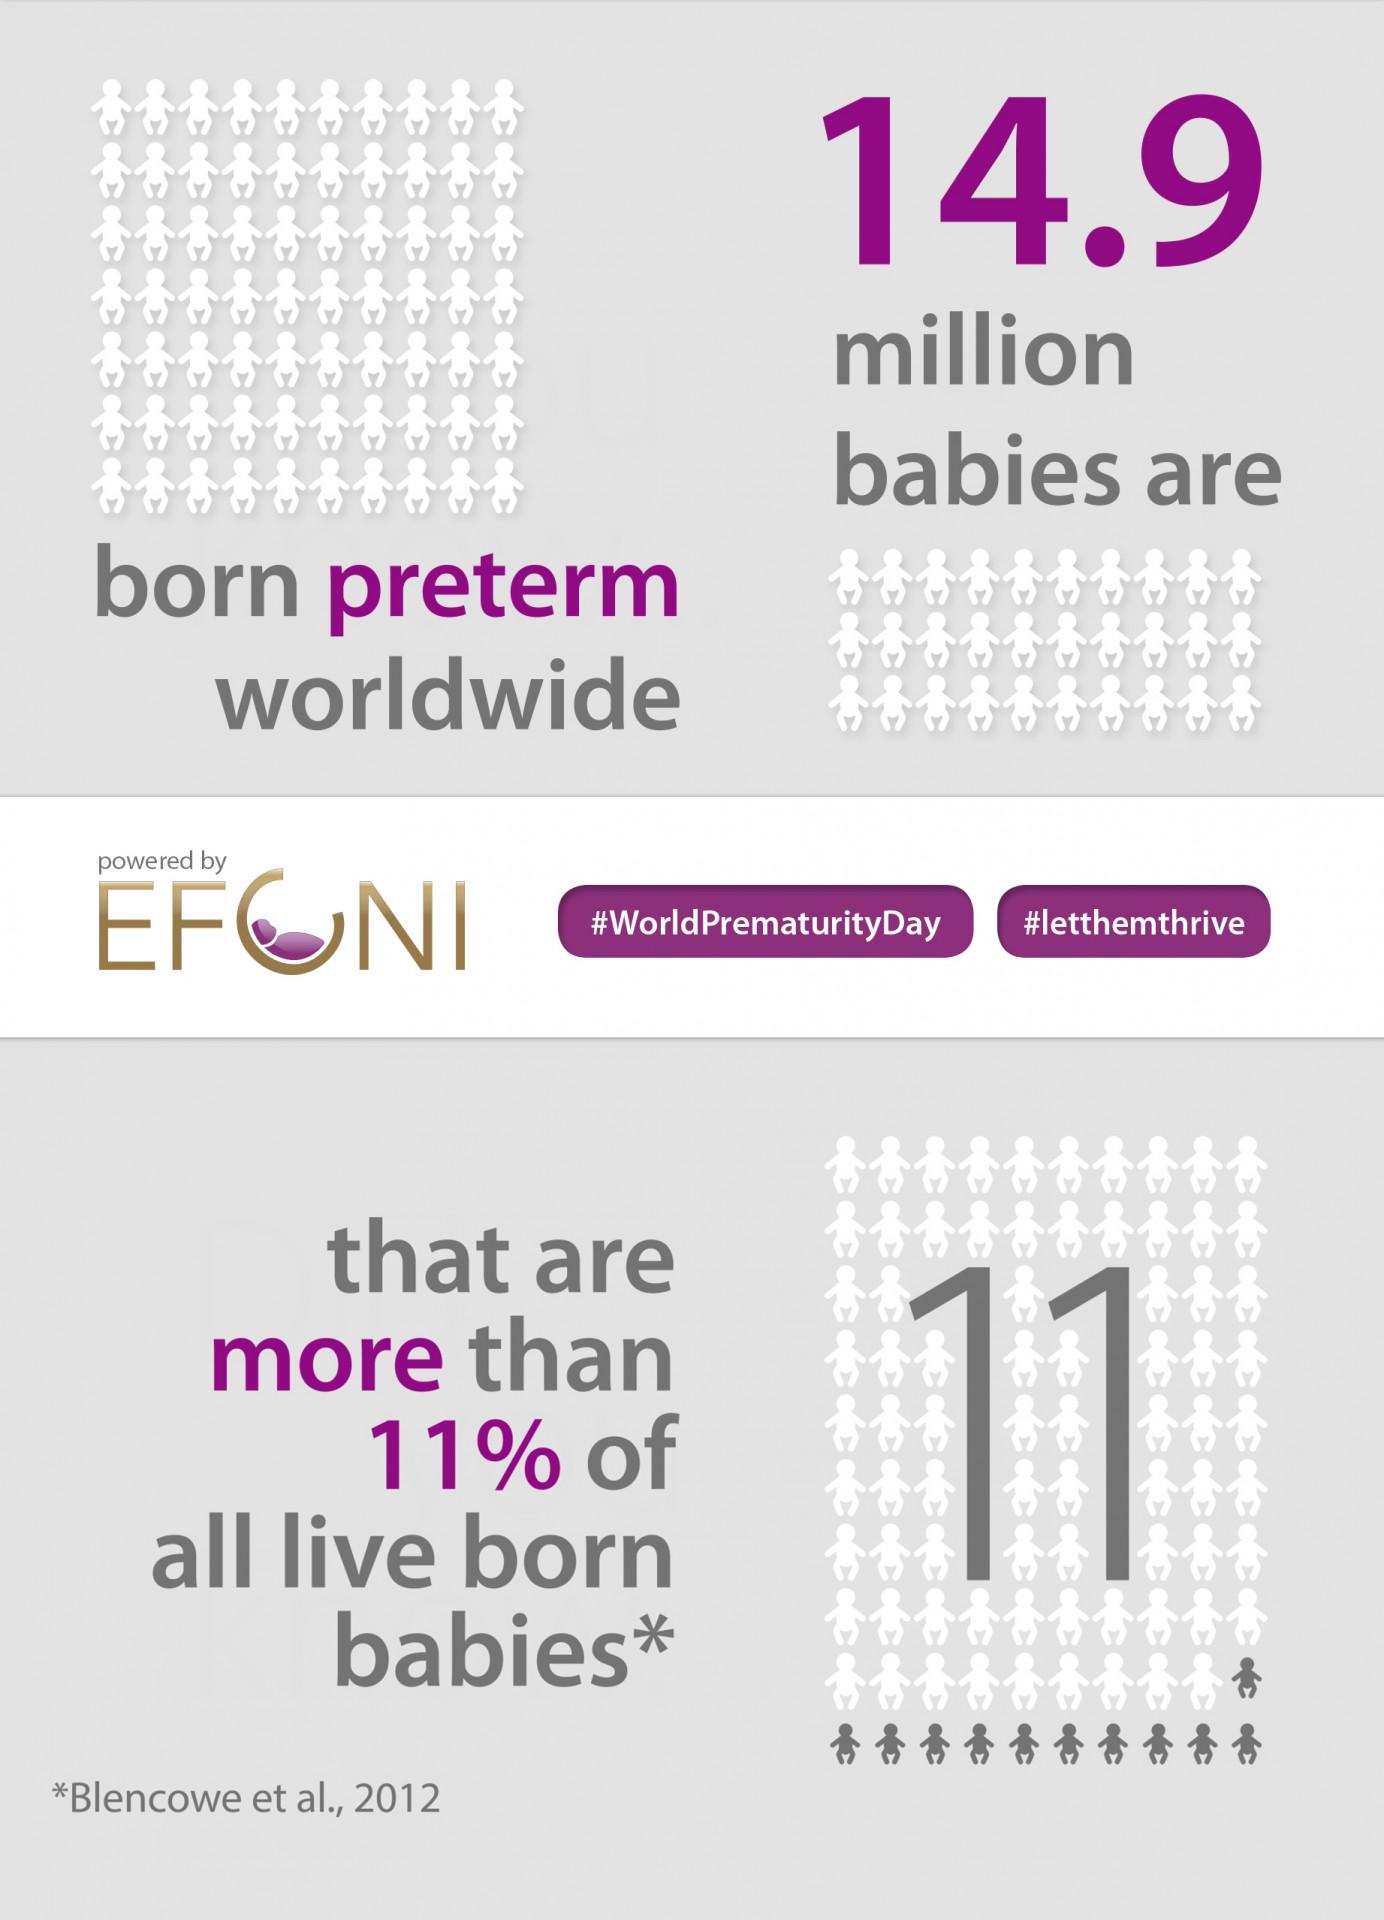 Preterm births worldwide